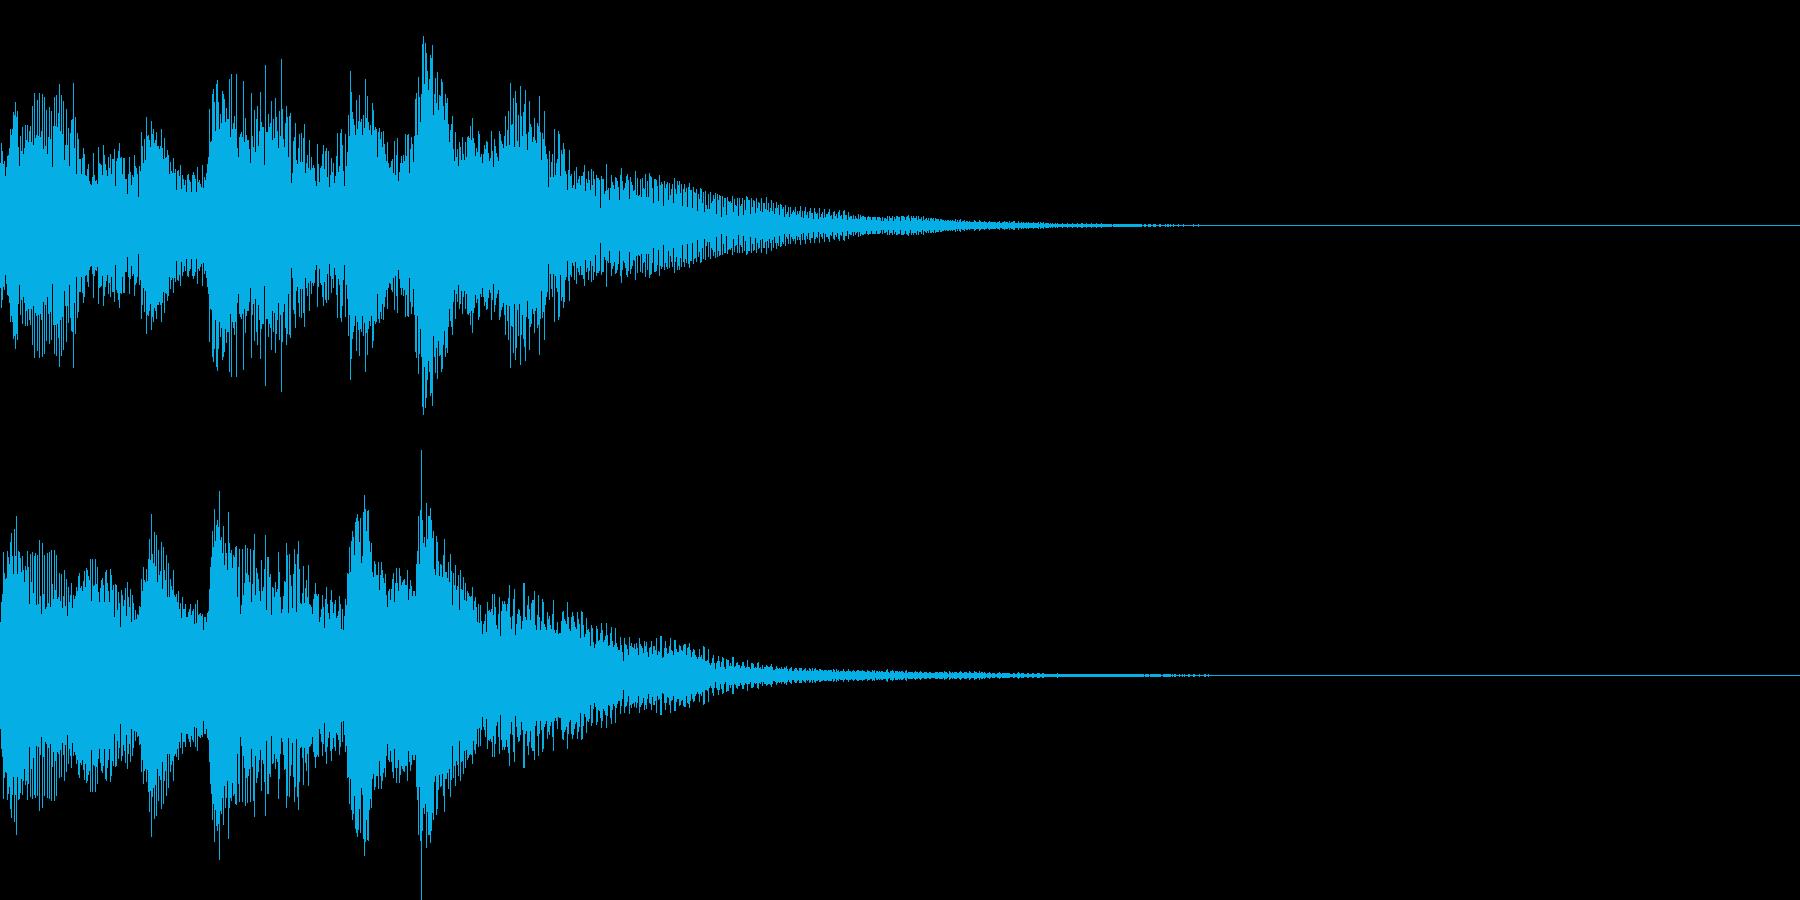 ピアノでシンプルに奏でるサウンドロゴの再生済みの波形